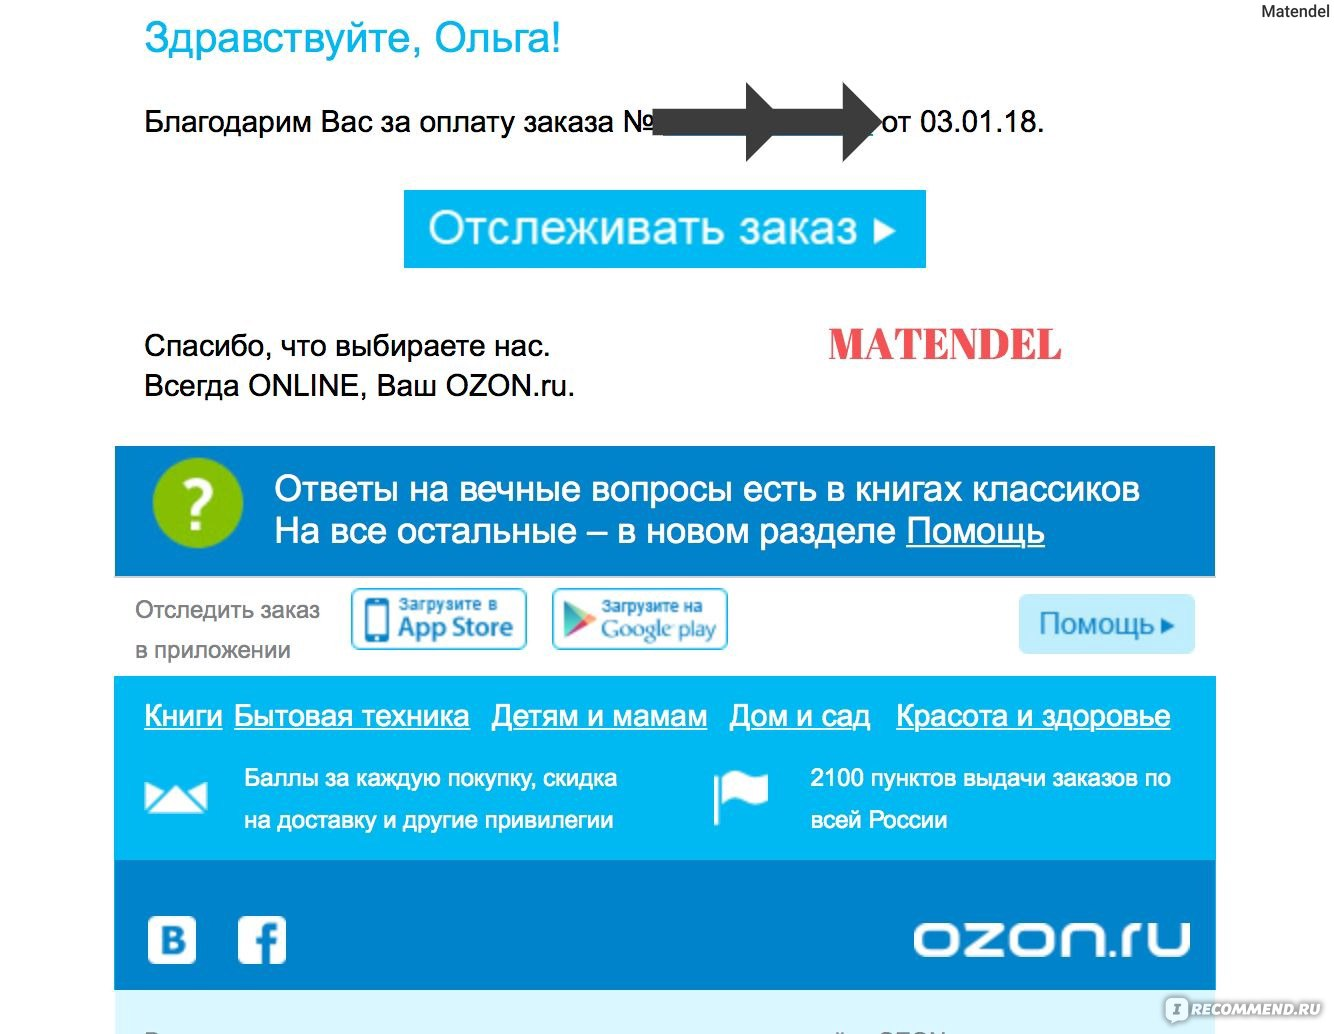 Ozon.ru» - интернет-магазин - «Как Озон МУХЛЮЕТ с датами доставки на ... 2f13721fd70